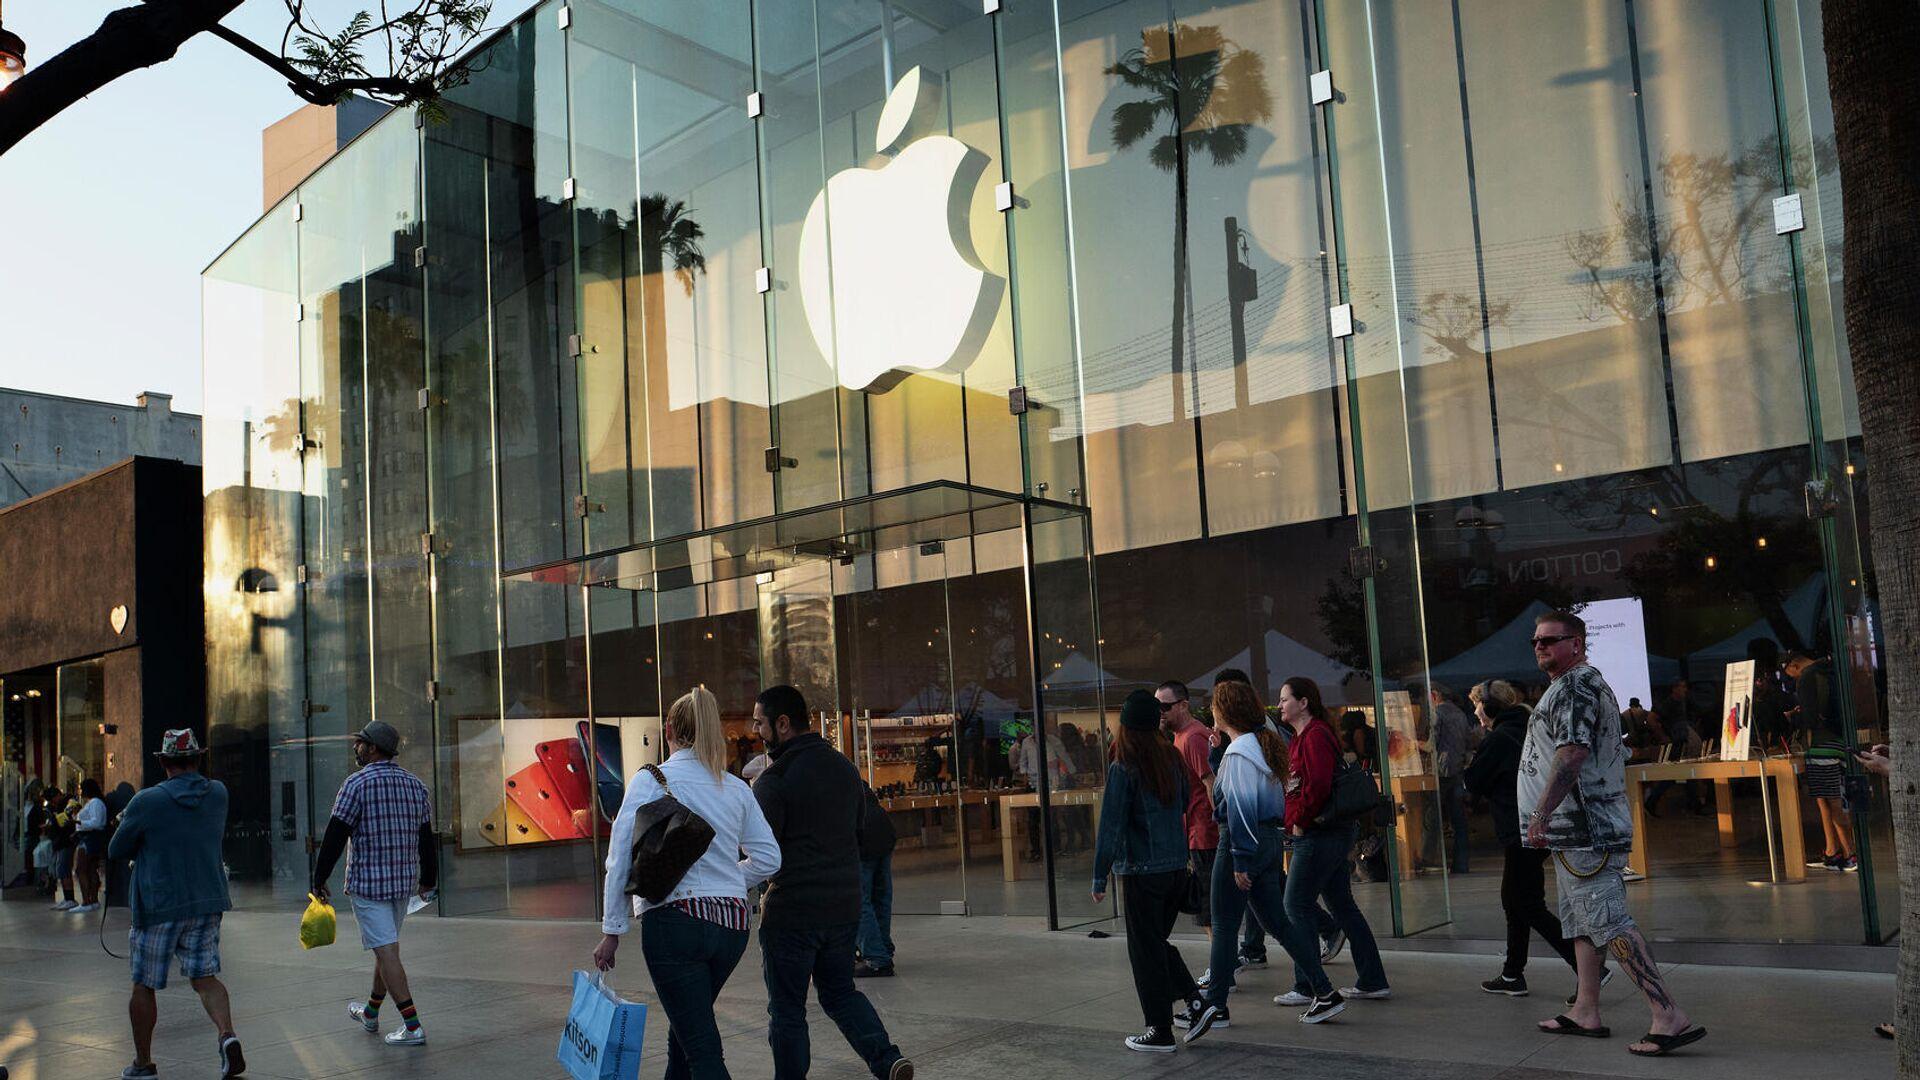 Магазин Apple в Санта-Монике, Калифорния - РИА Новости, 1920, 01.02.2021